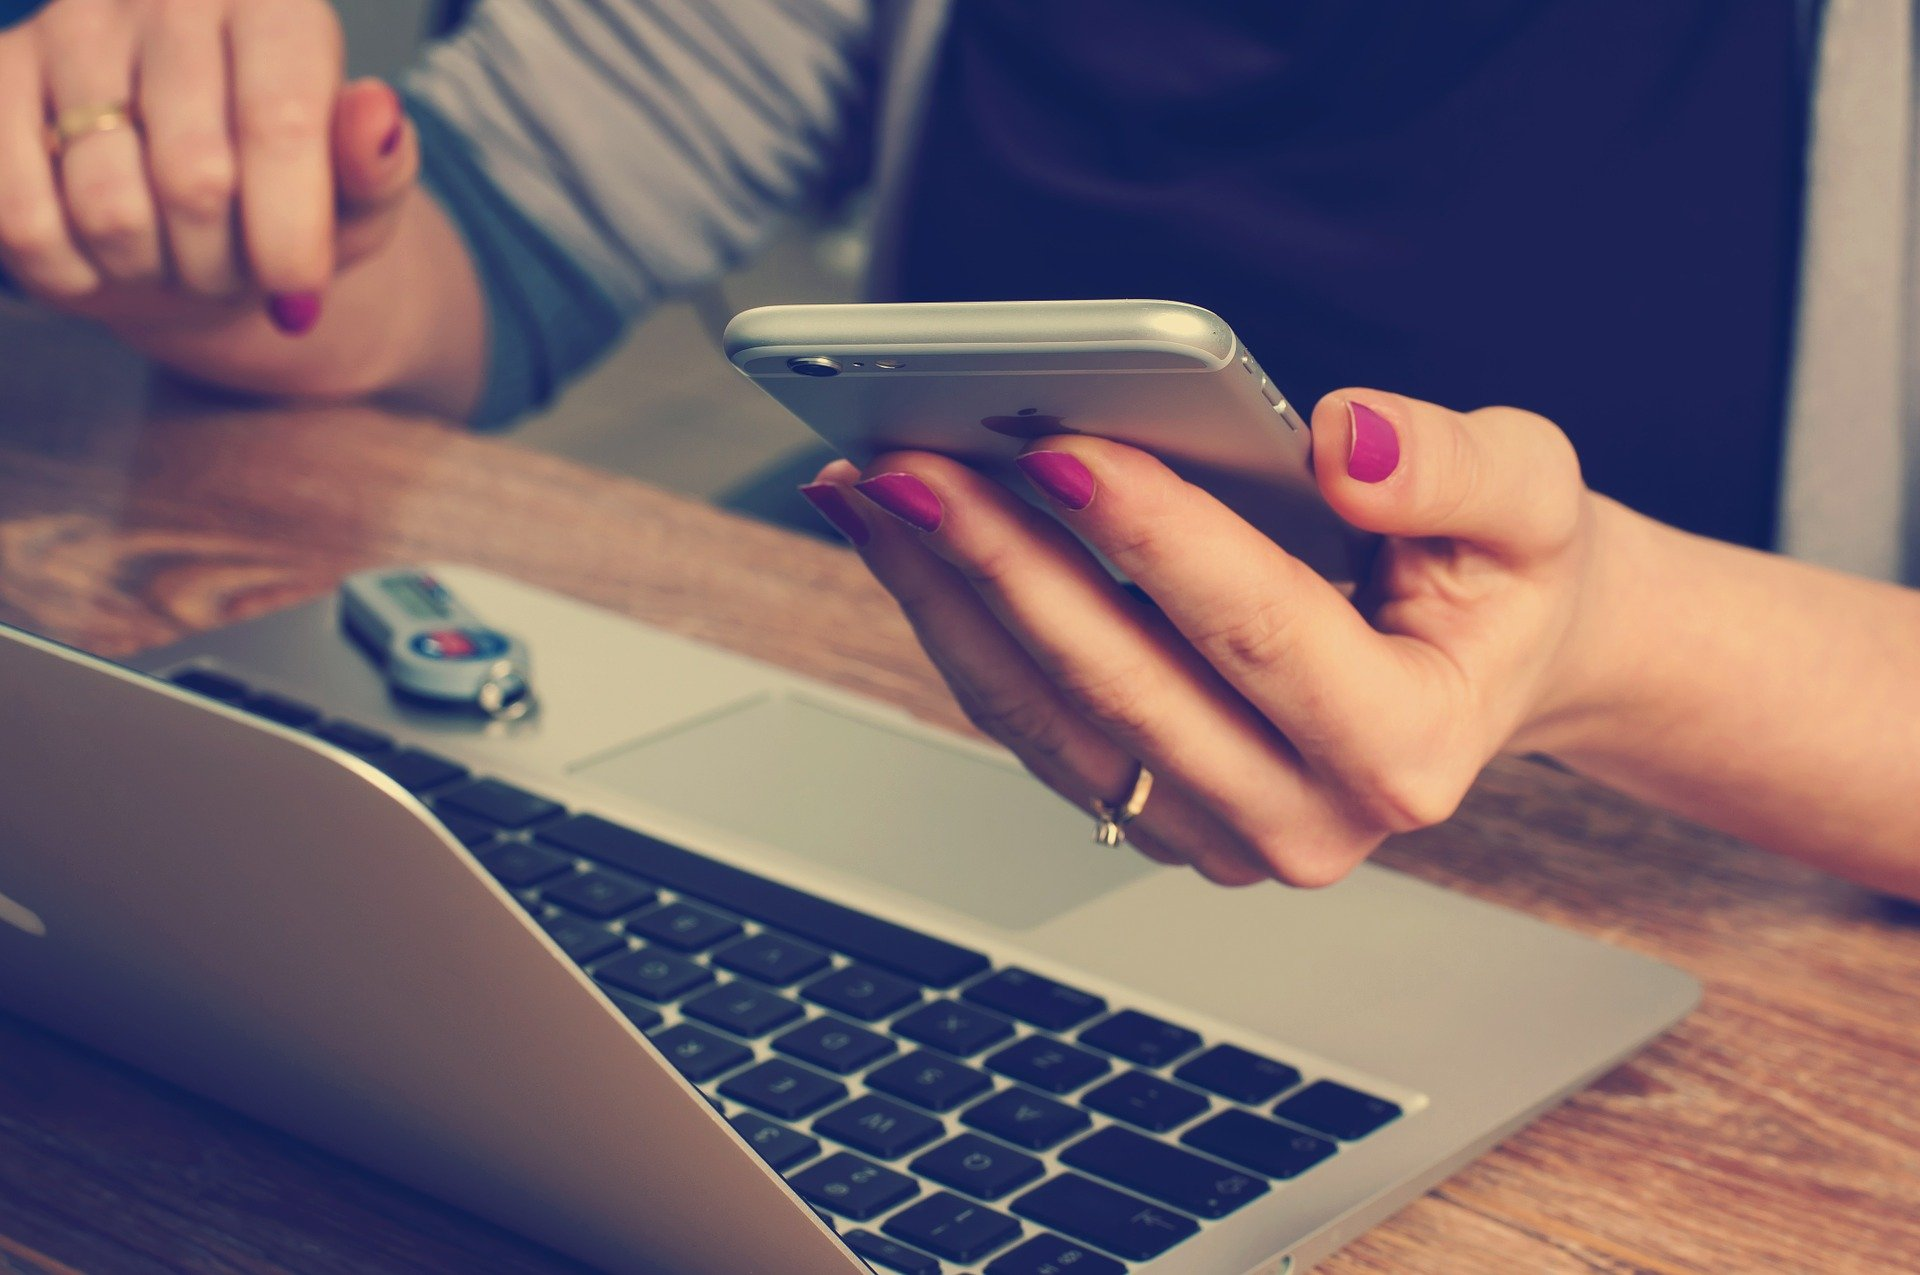 Tietokone ja ihminen, jolla puhelin kädessä.